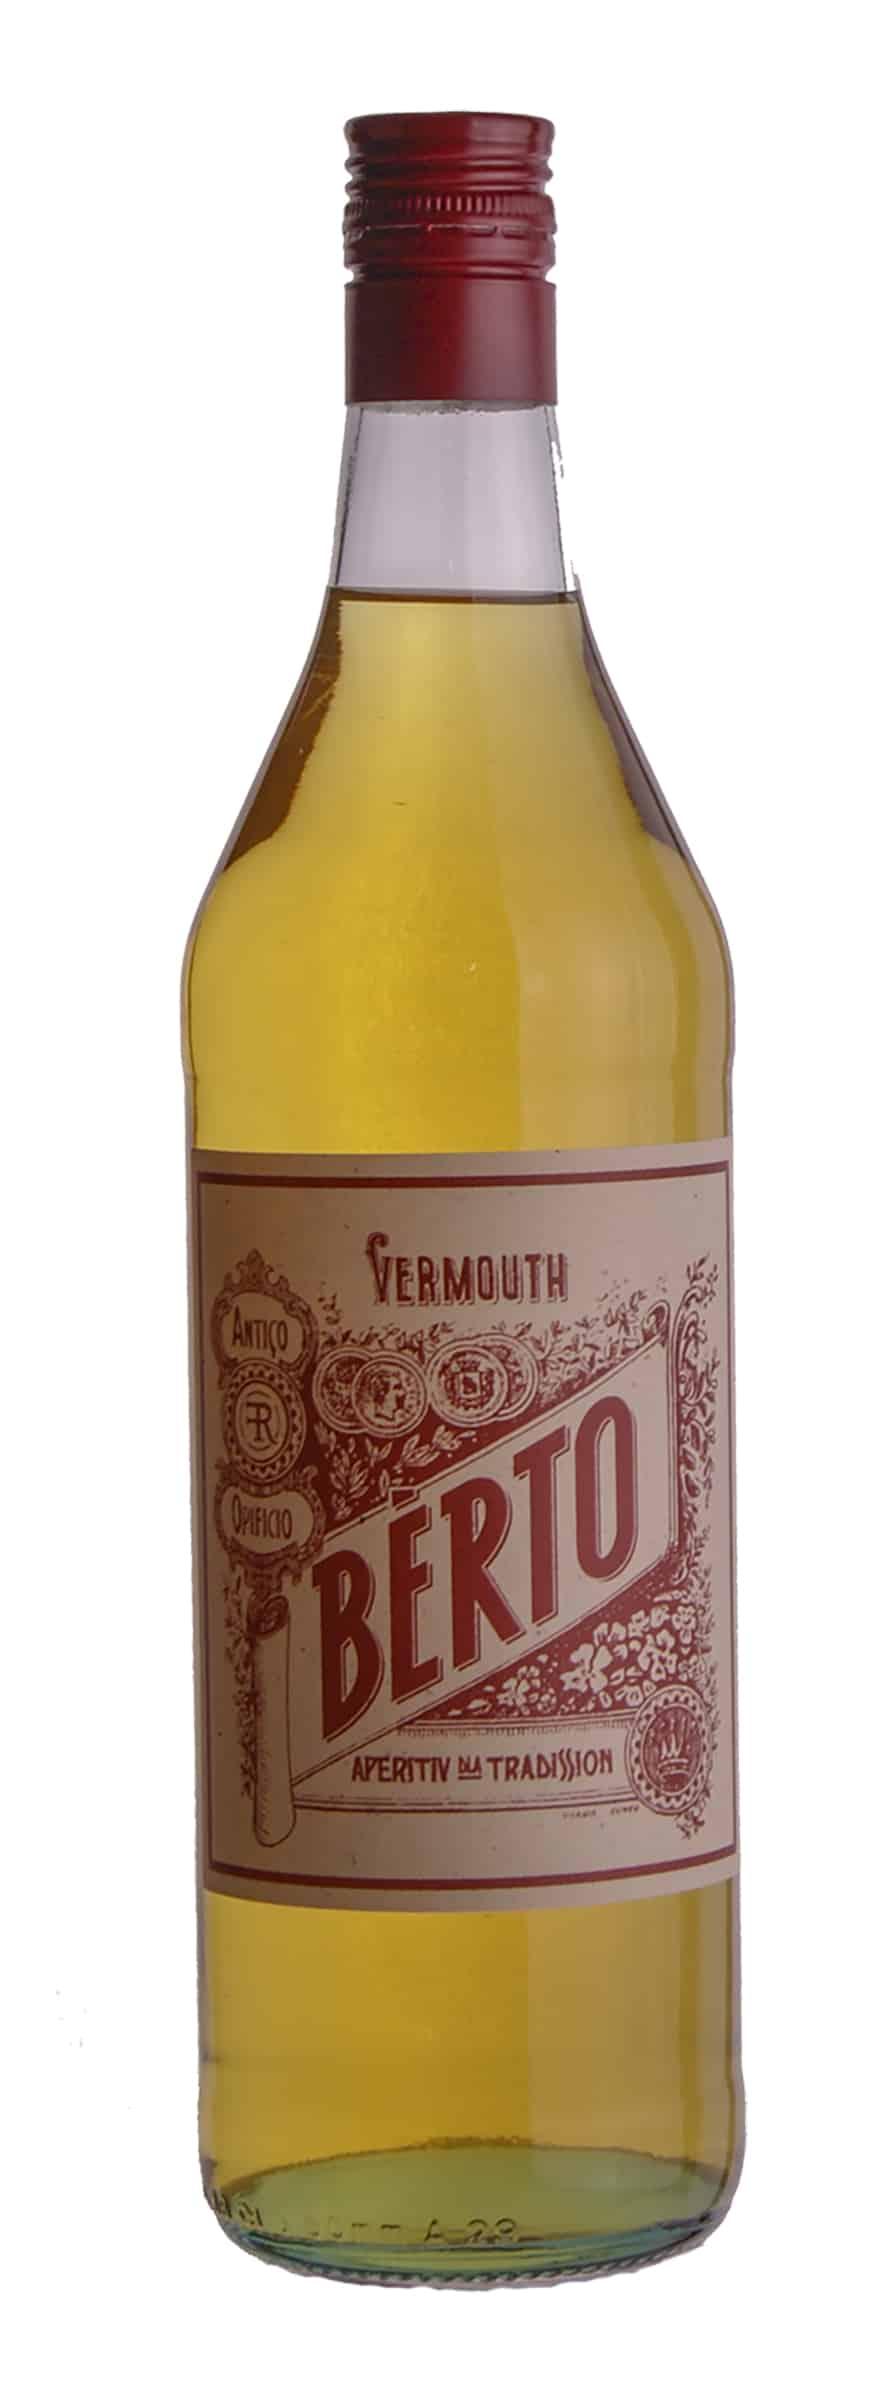 Berto Bianco Vermouth